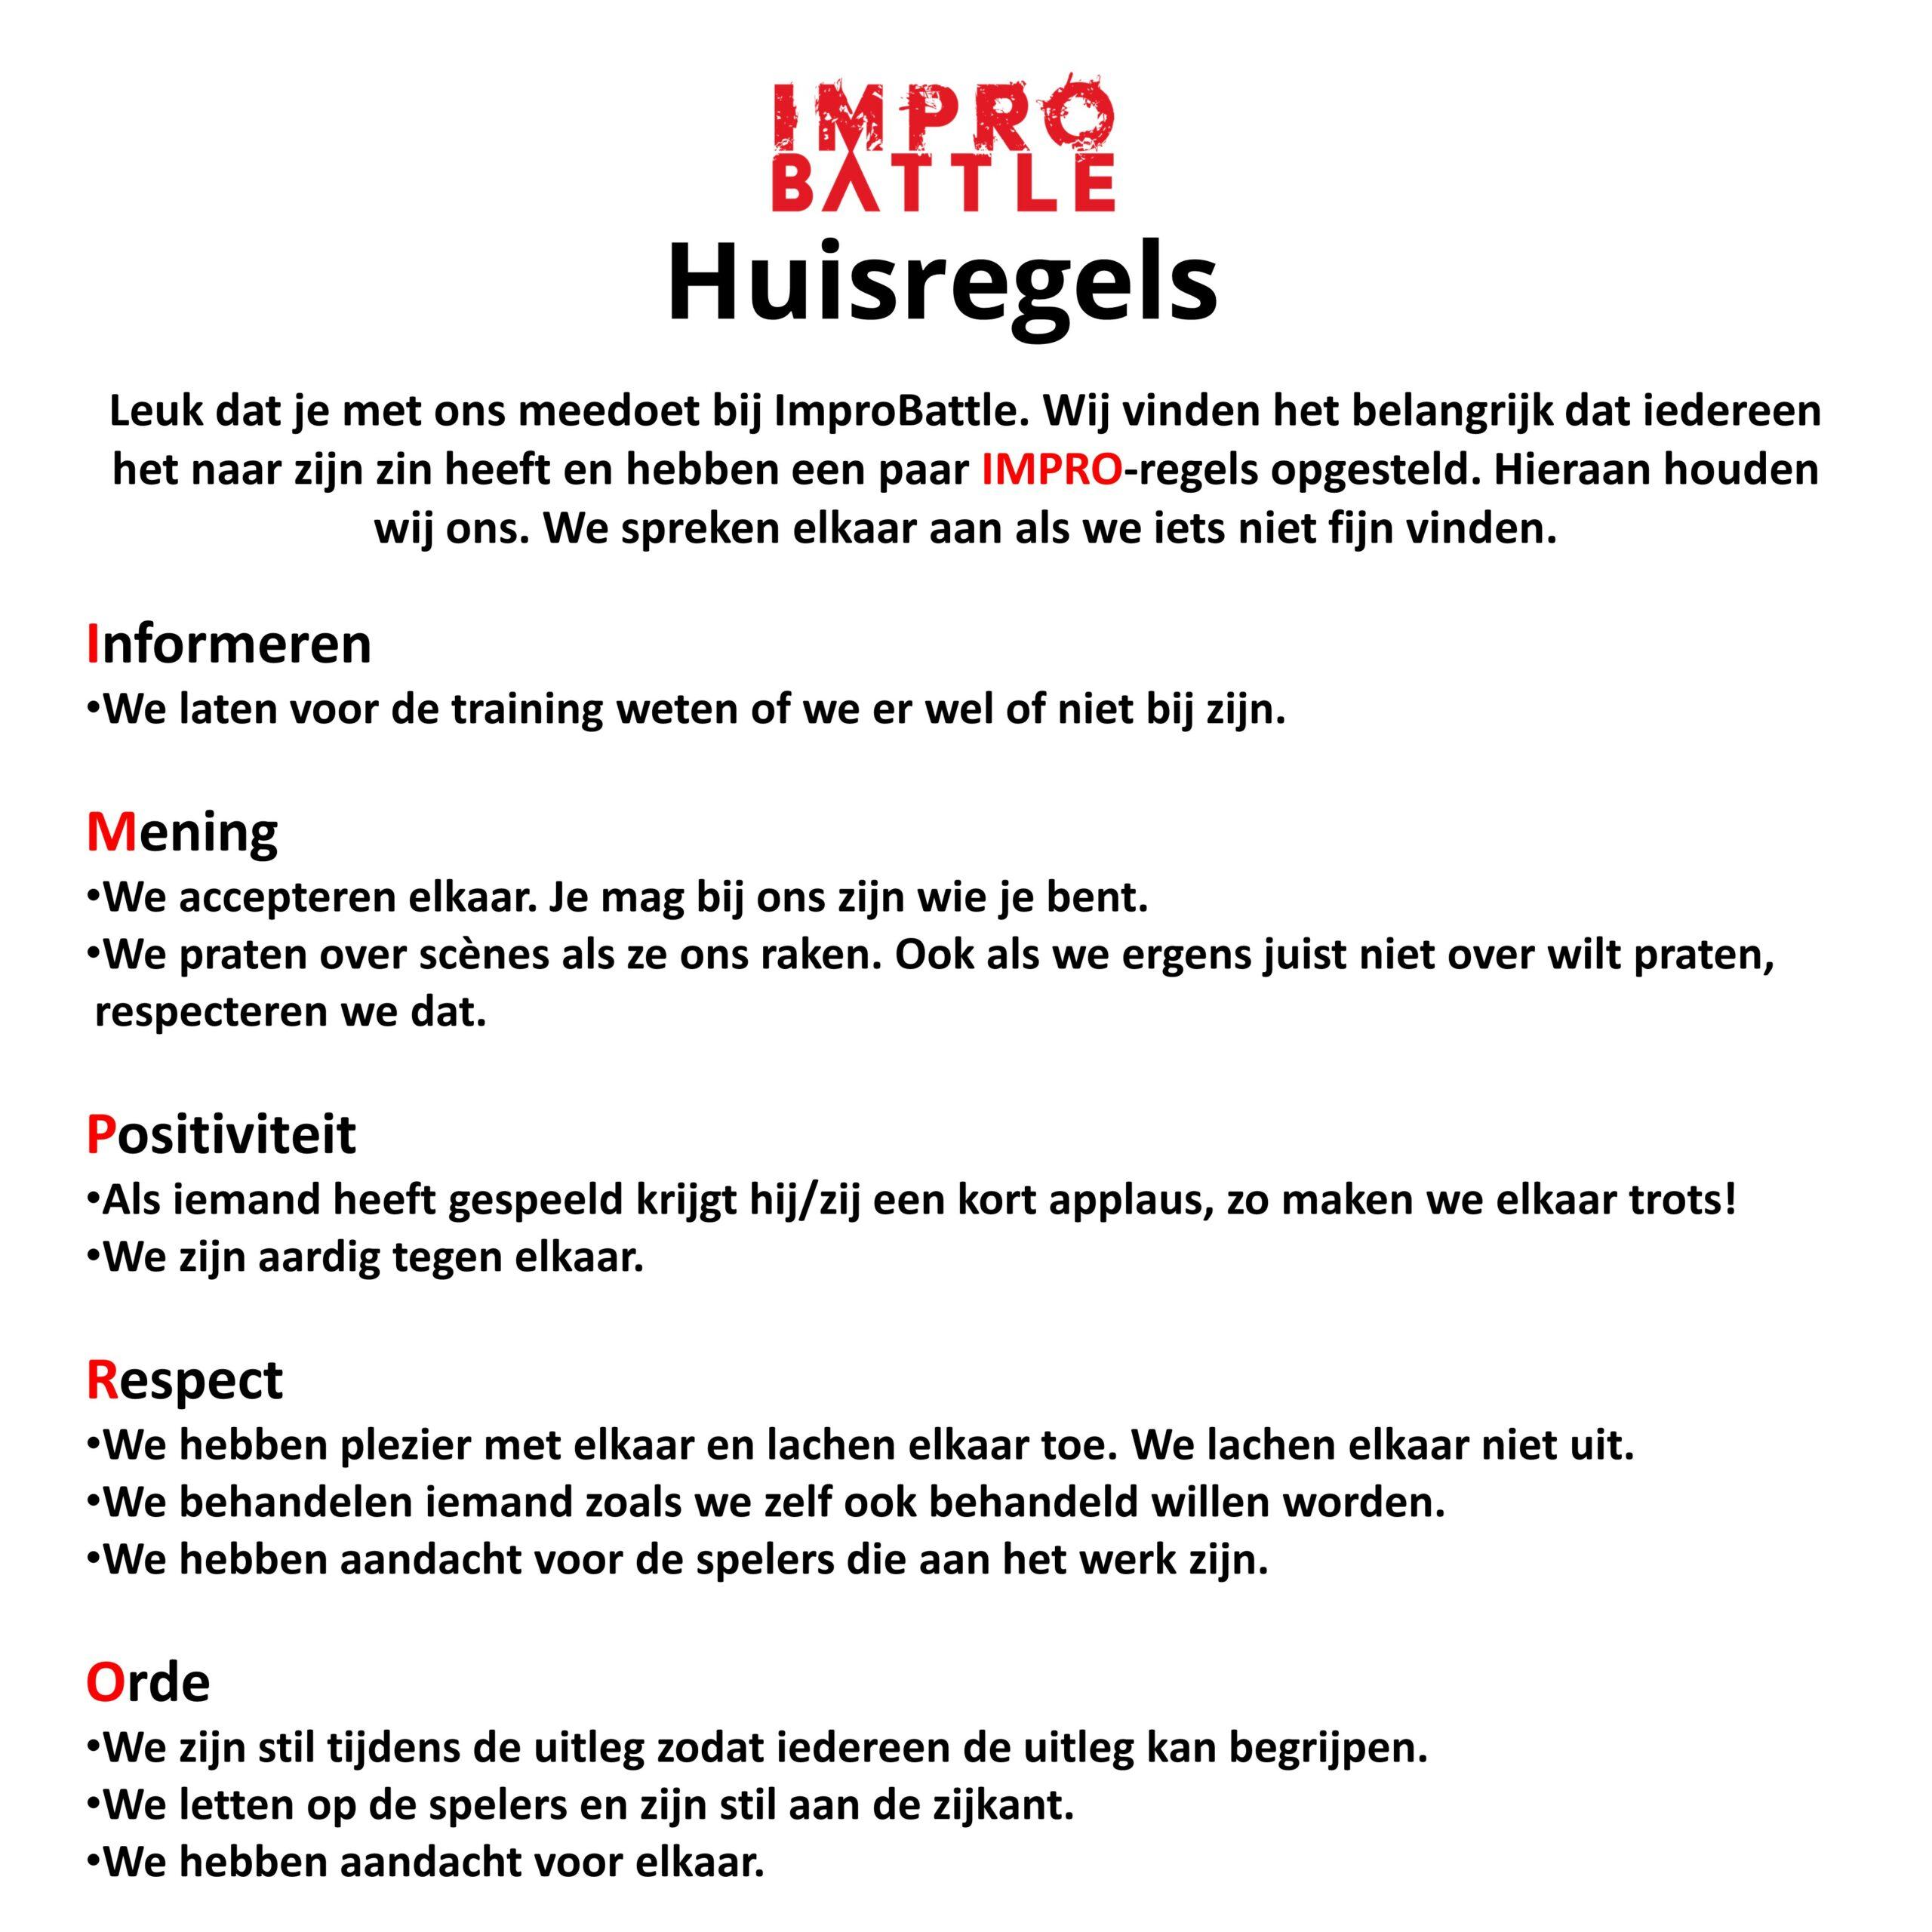 Huisregels ImproBattle Den Haag